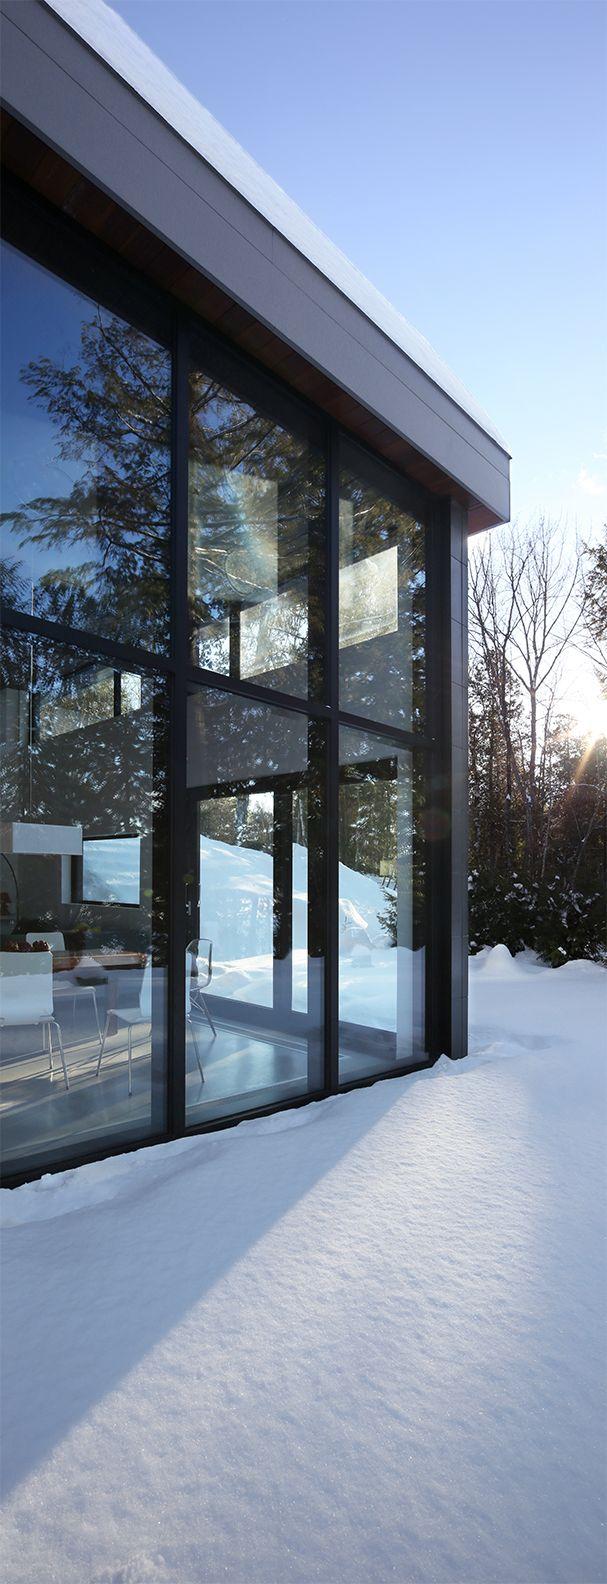 Architecture / Résidence secondaire / Chalet / Nature / Toit plat / Baie vitrée // Cottage / Flat Roof / Bay Window